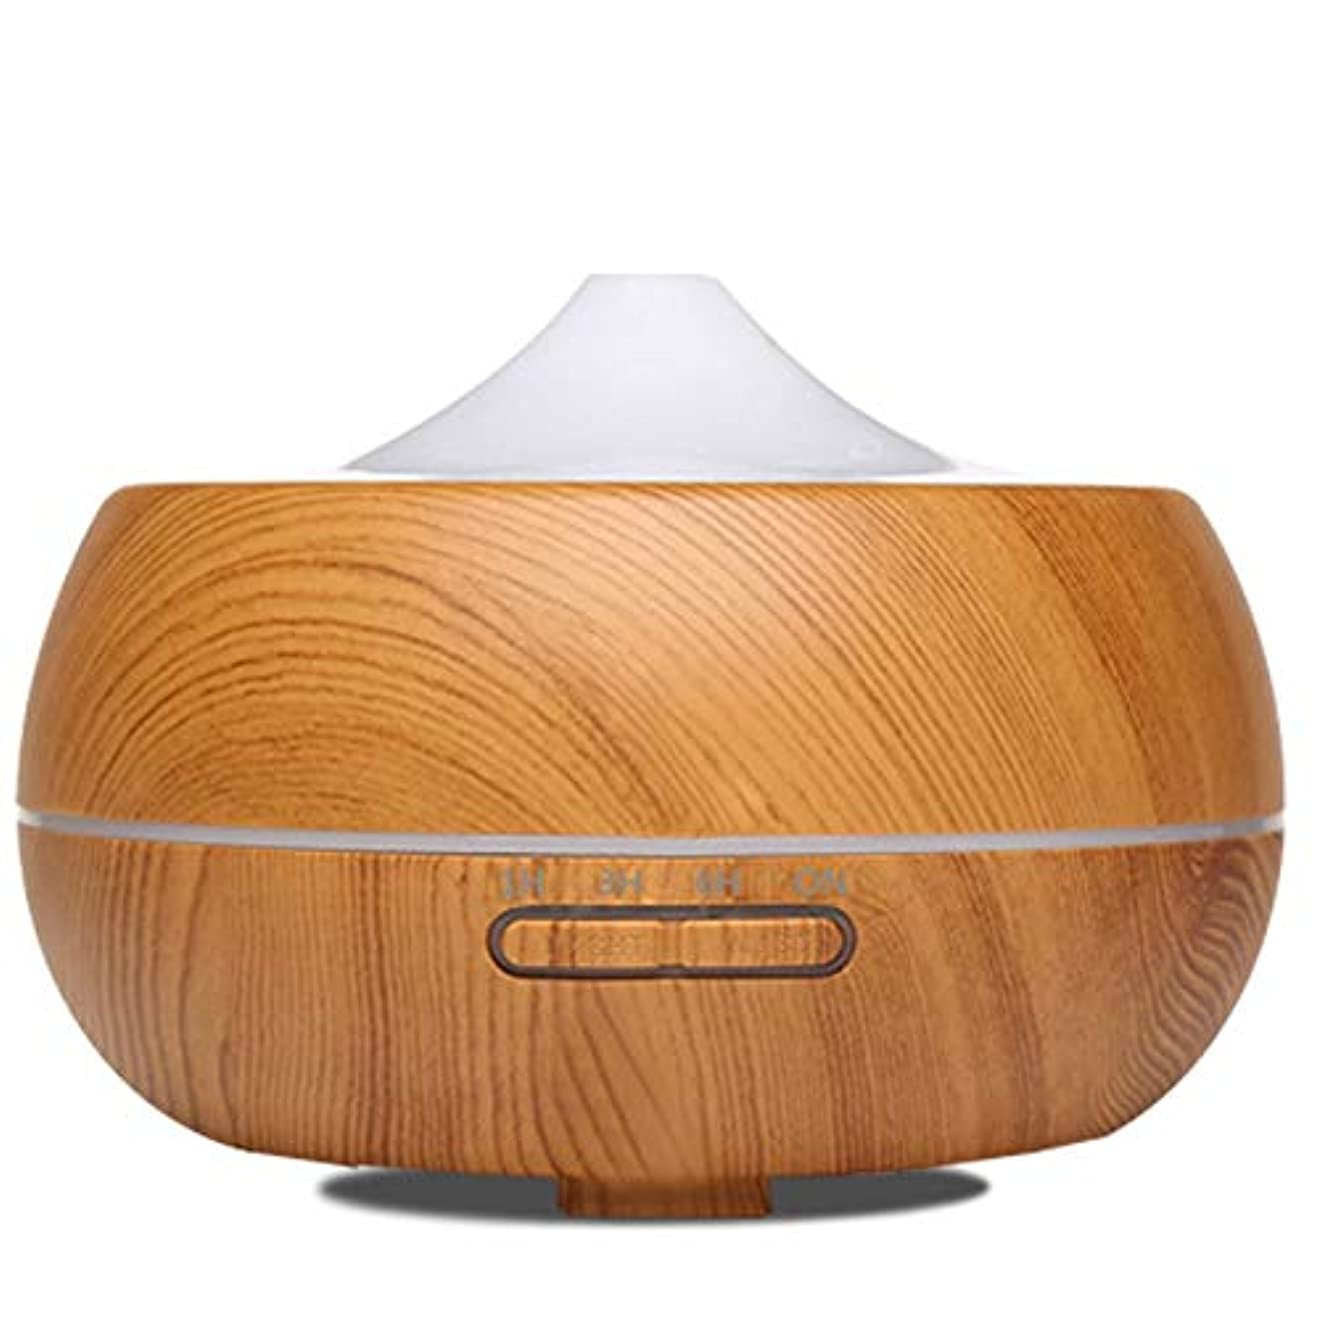 九月トークン分析的300 ml アロマテラピー エッセンシャル オイル ディフューザー, 超音波 涼しい霧 humidmifier アロマディフューザー タイマー付き 7色変換 夜のライト 空焚き防止機能搭載- 17x12cm